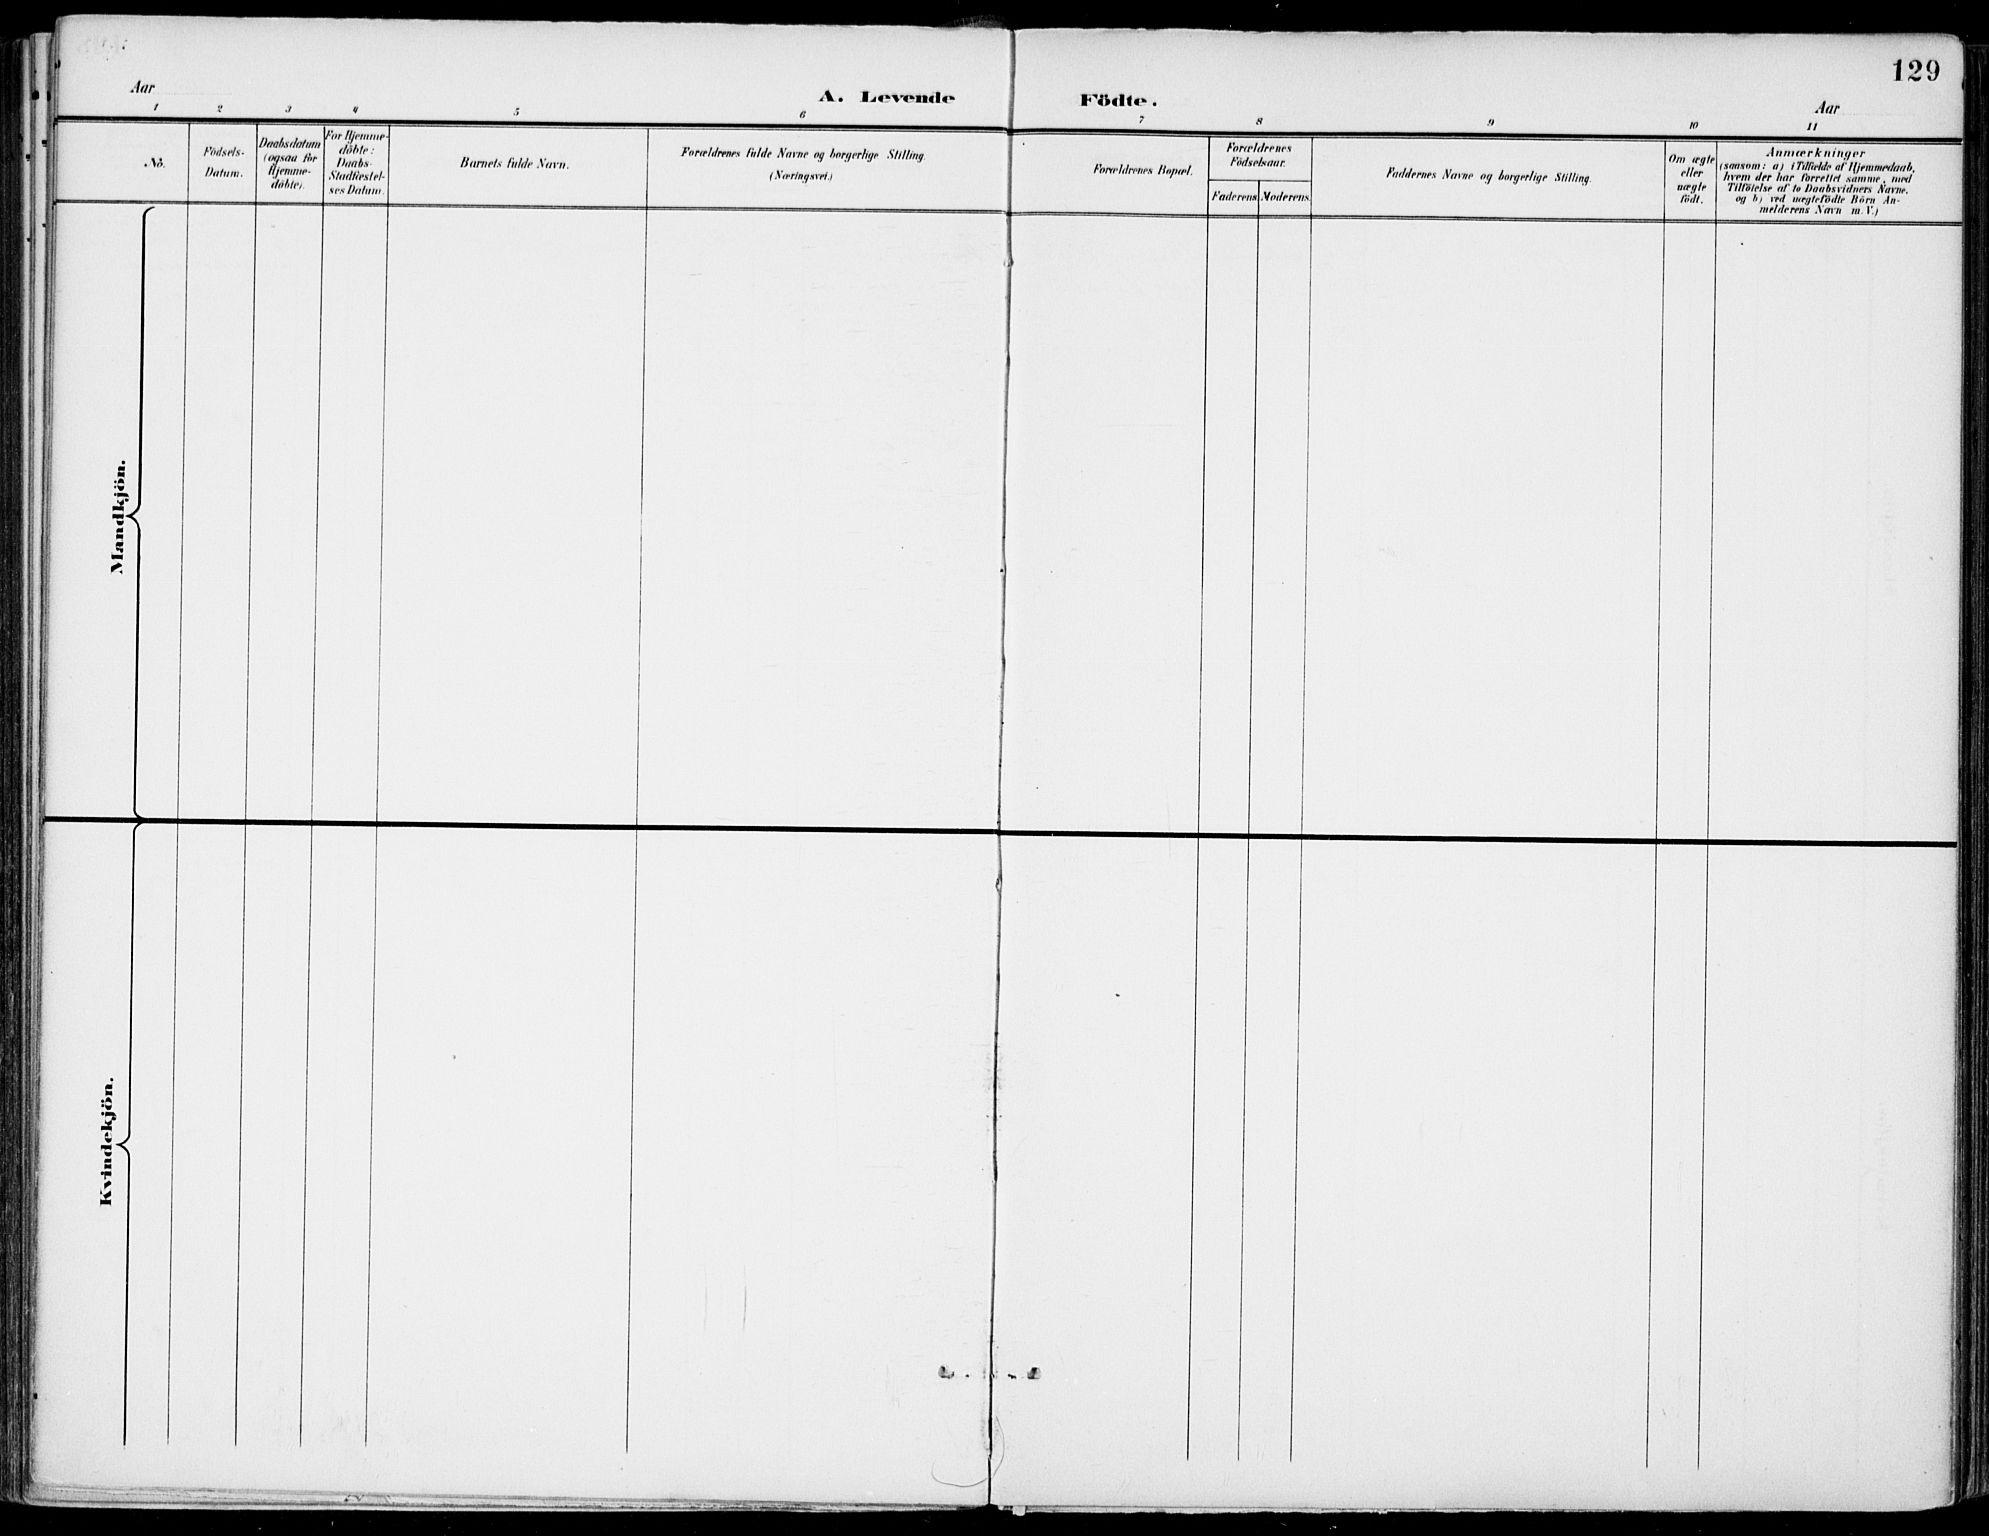 SAKO, Gjerpen kirkebøker, F/Fa/L0011: Ministerialbok nr. 11, 1896-1904, s. 129